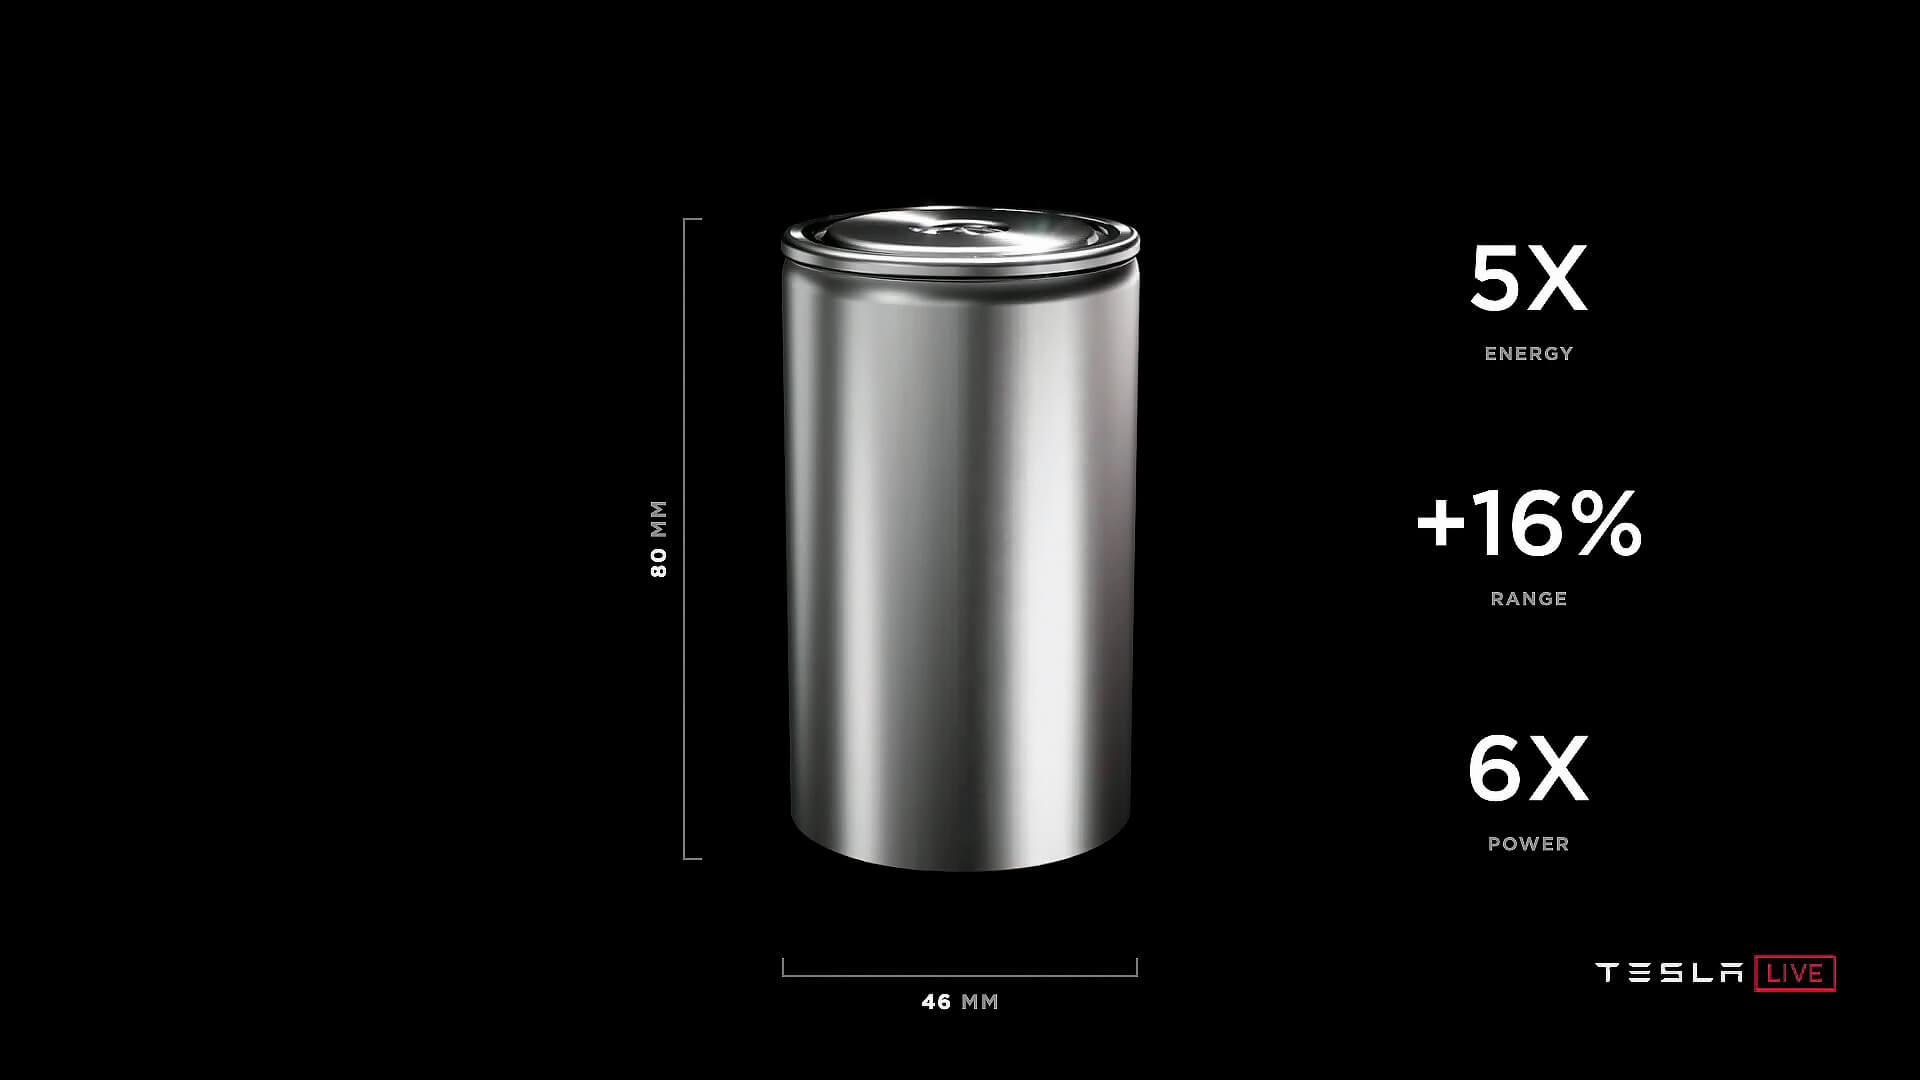 Аккумуляторная ячейка Tesla 4680: в 5 раз больше энергии, в 6 раз больше мощности